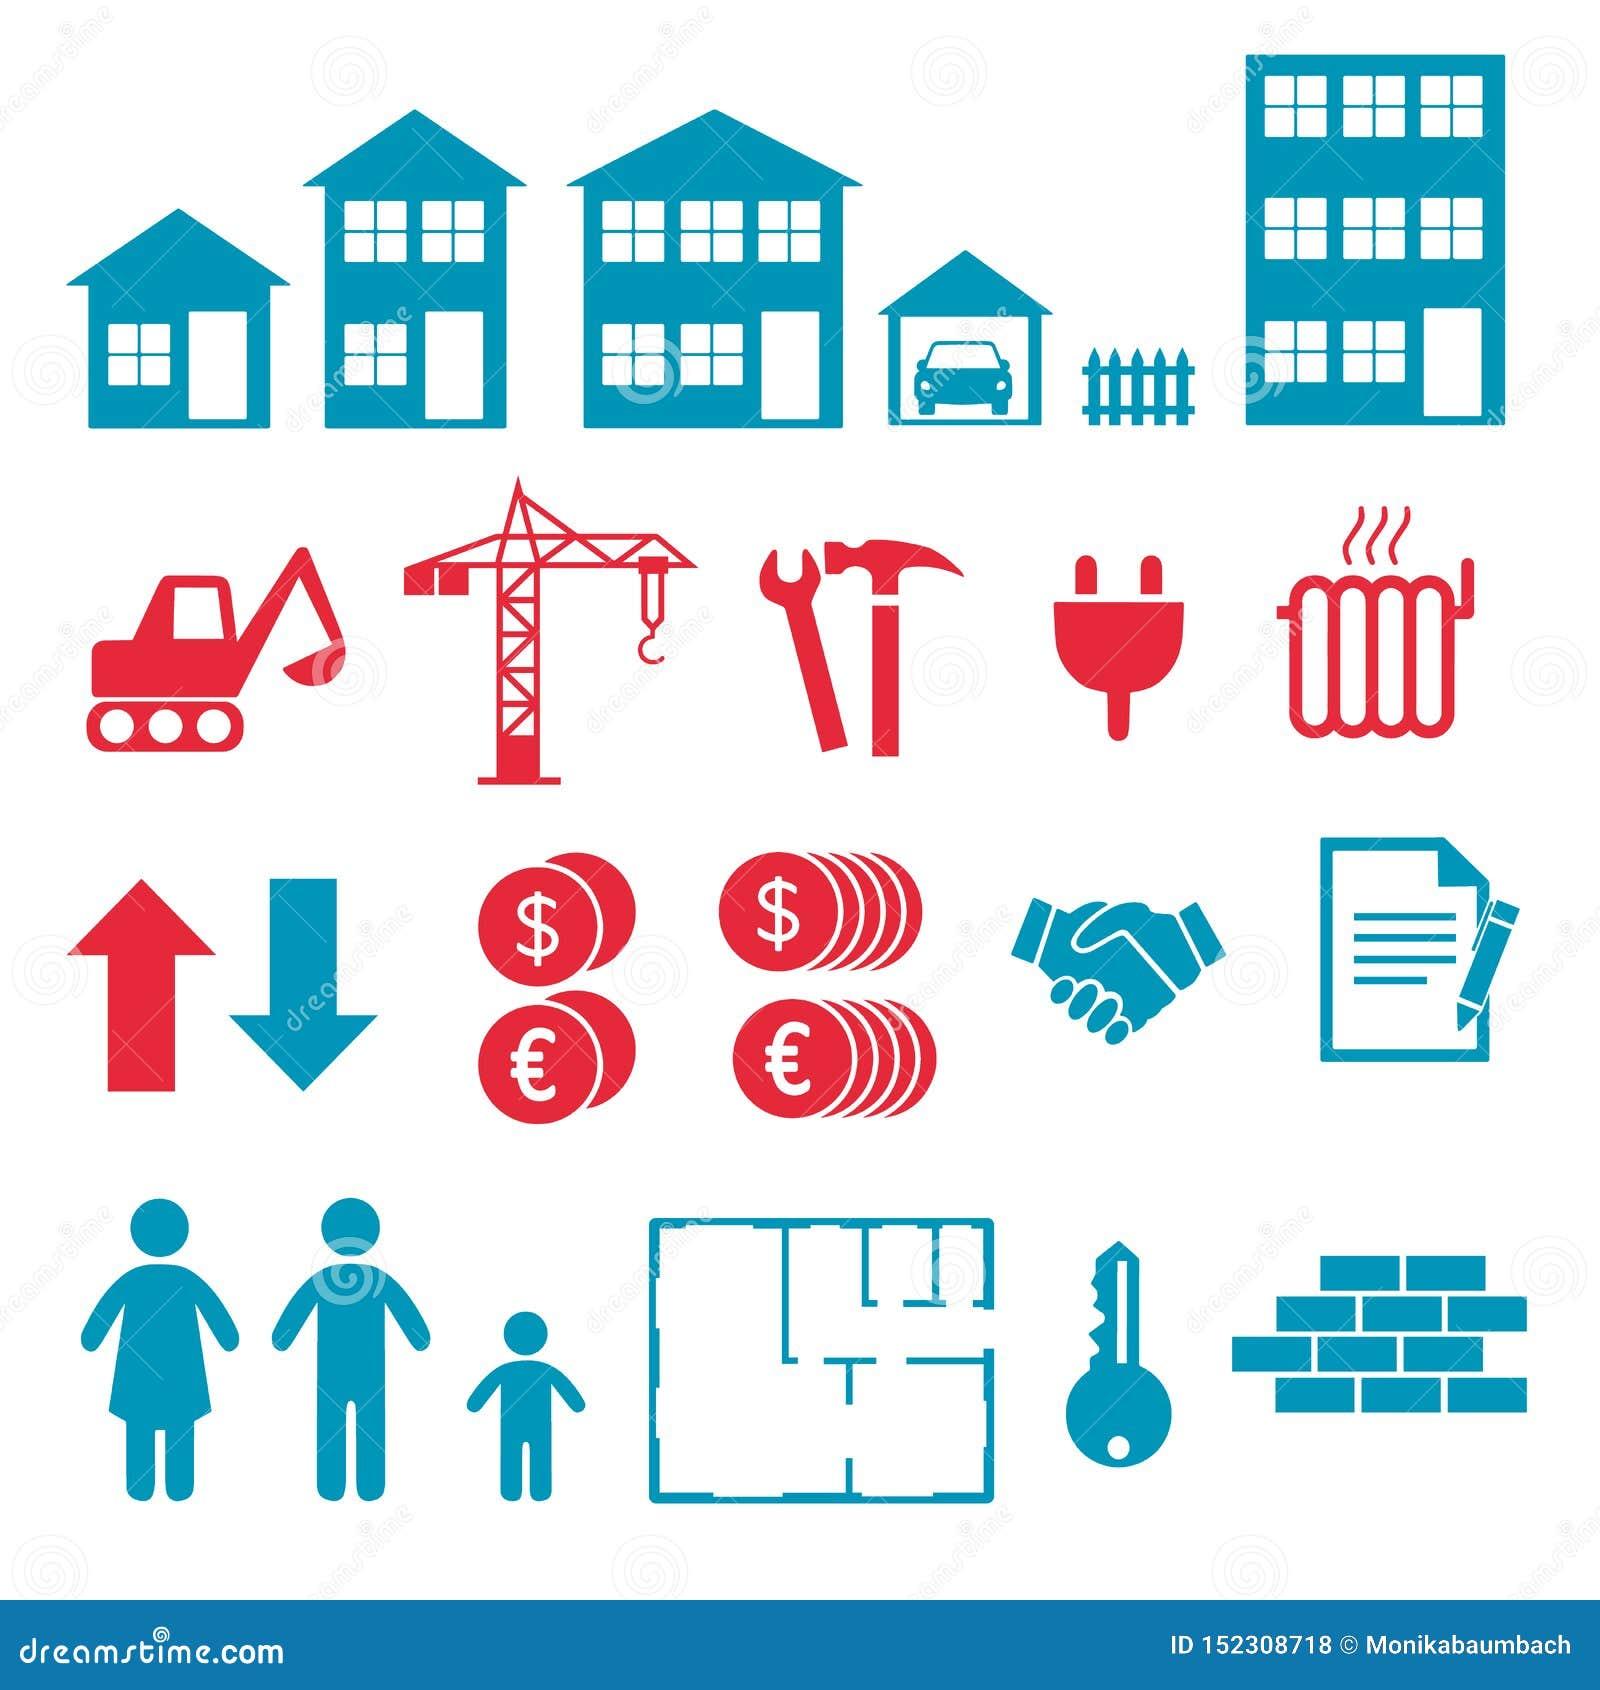 Vektorsymboler för att skapa infographics om hus och hyreshus, att köpa och att hyra marknaden